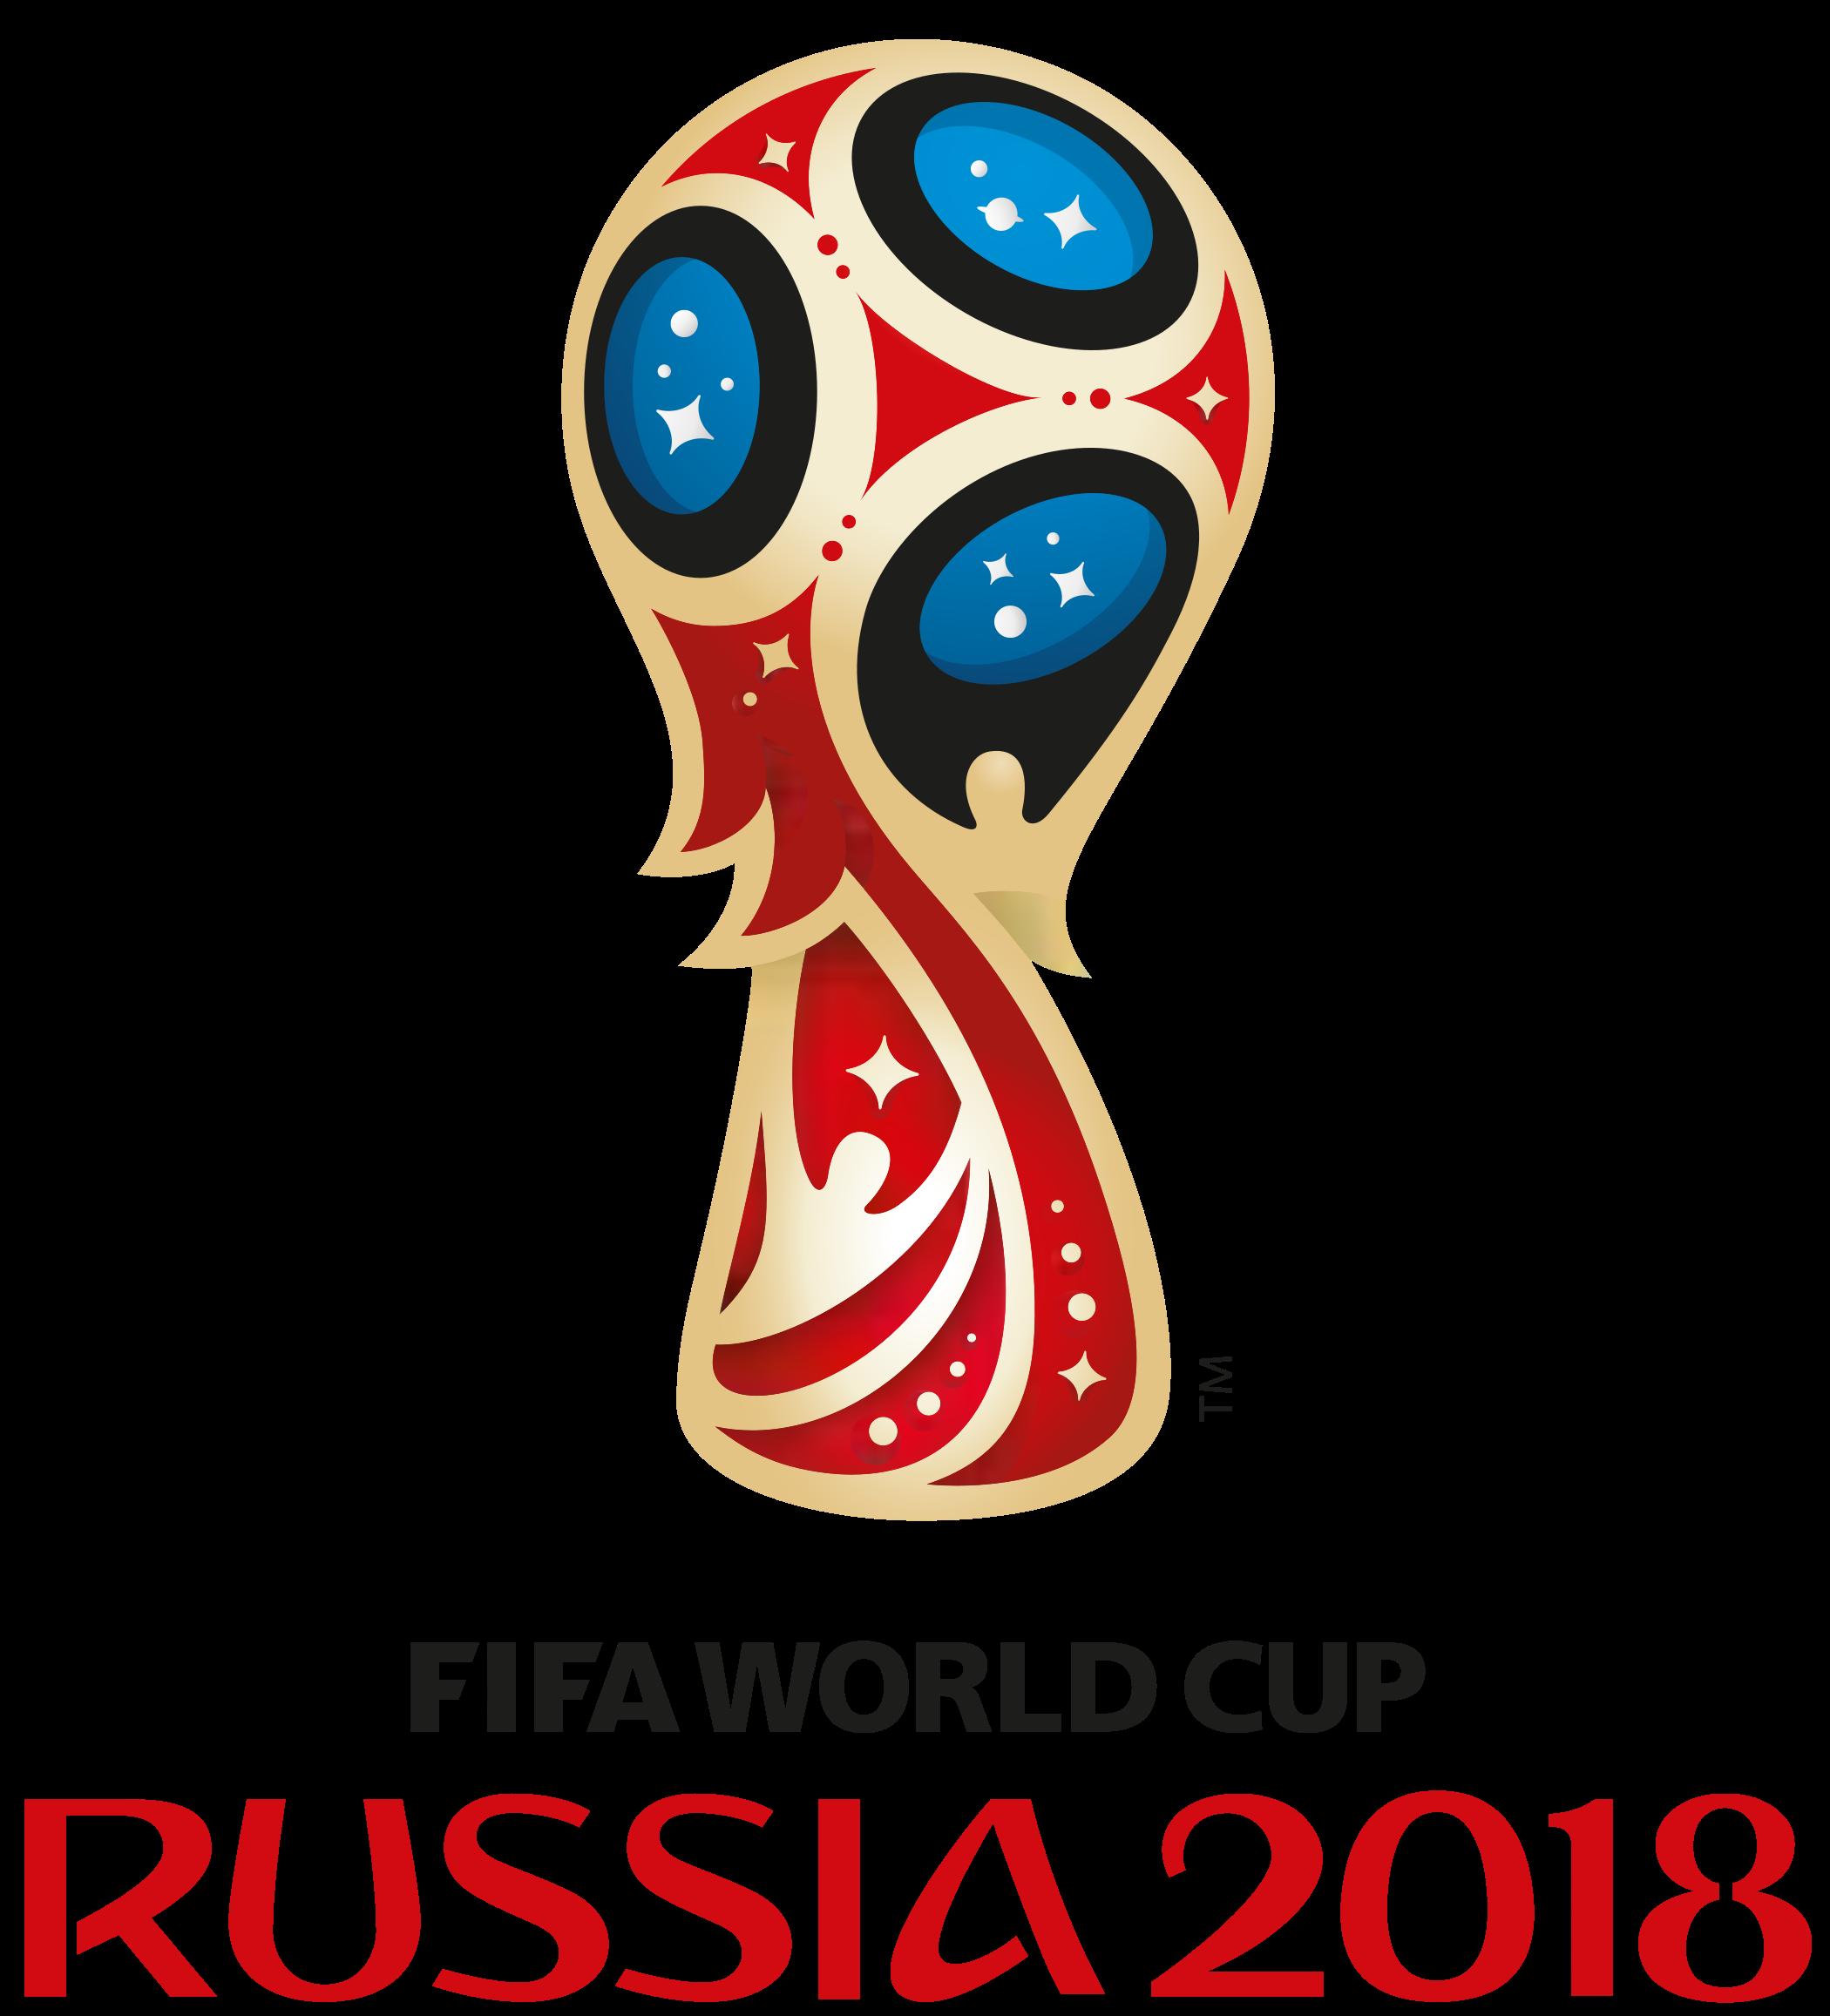 copa do mundo russia 2018 logo 1 - Copa do Mundo Rússia 2018 Logo